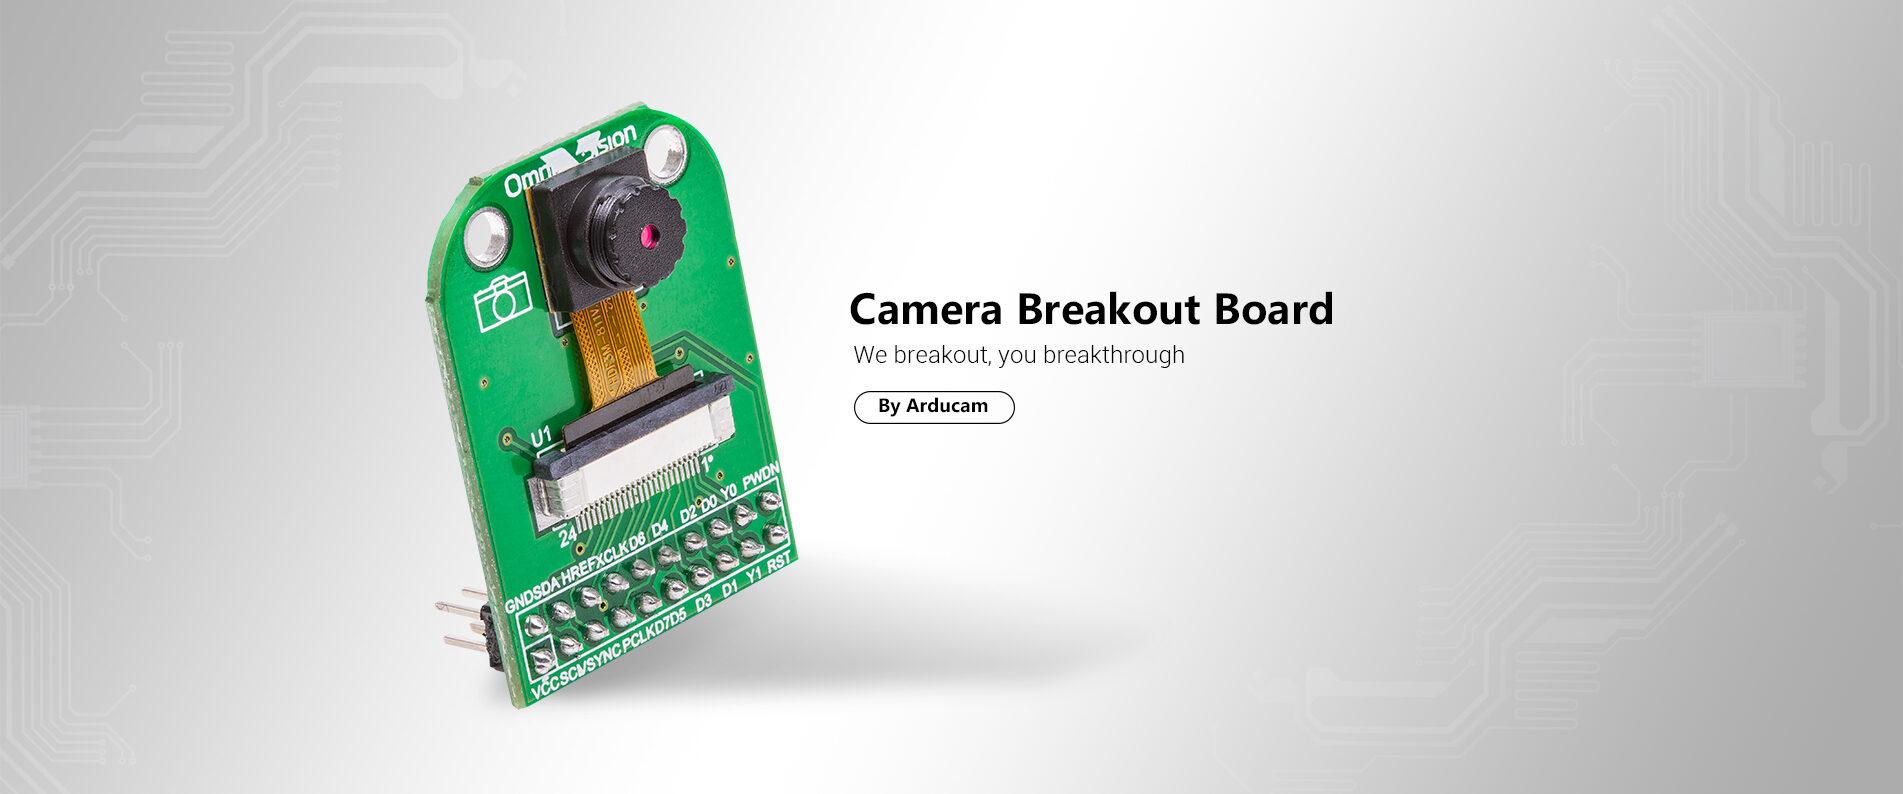 arducam-camera-breakout-board-banner-slider-home-1